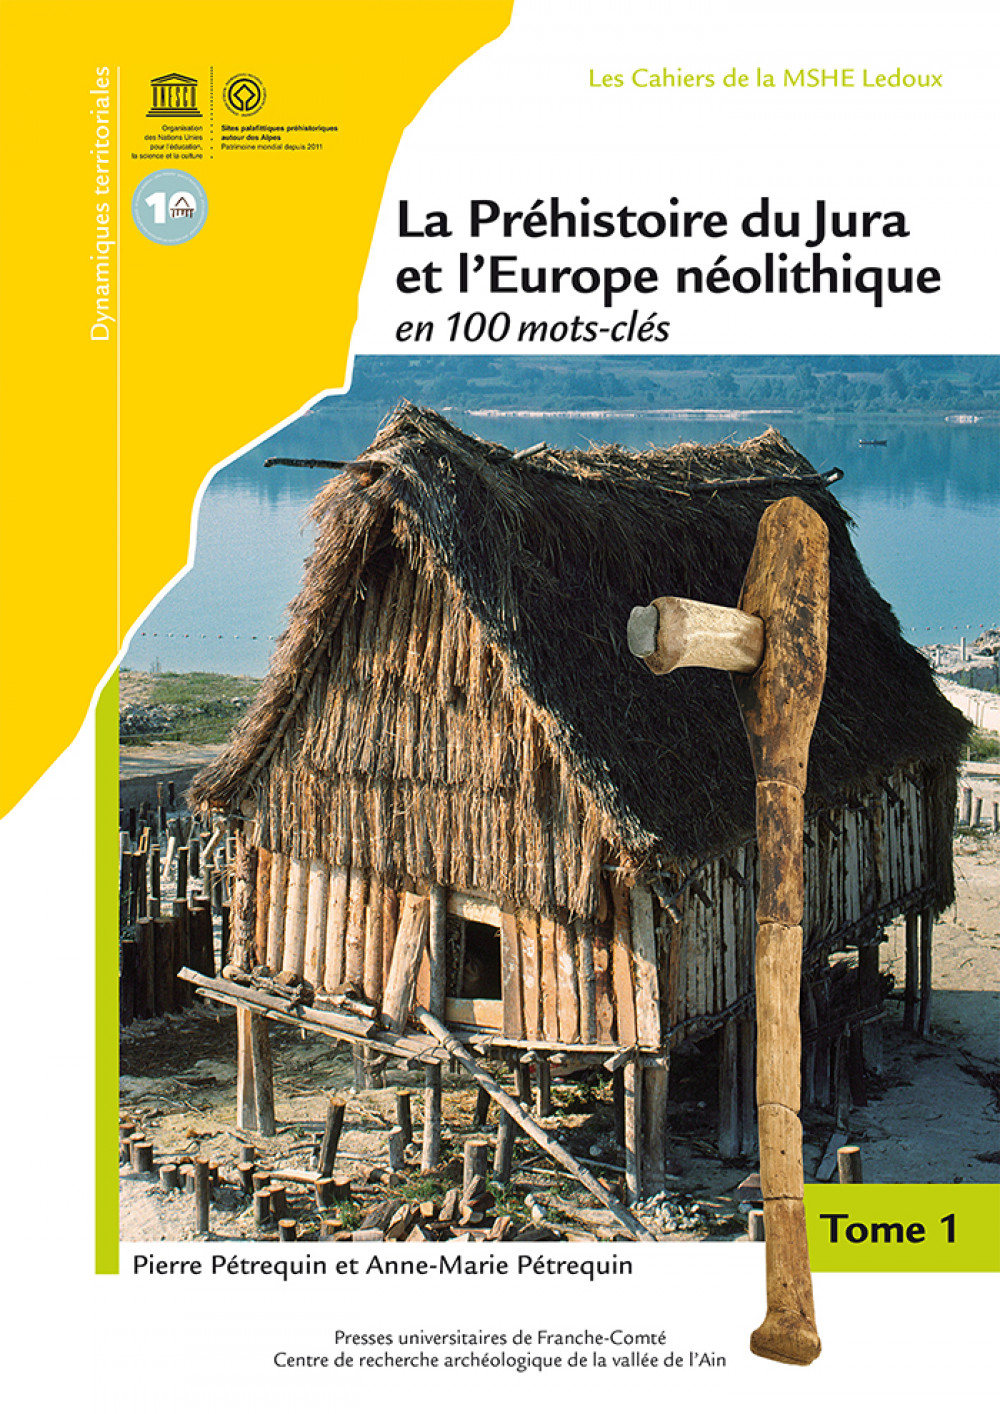 couverture de La Préhistoire du Jura et l'Europe néolithique en 100 mots-clés de Pierre et Anne-Marie PETREQUIN